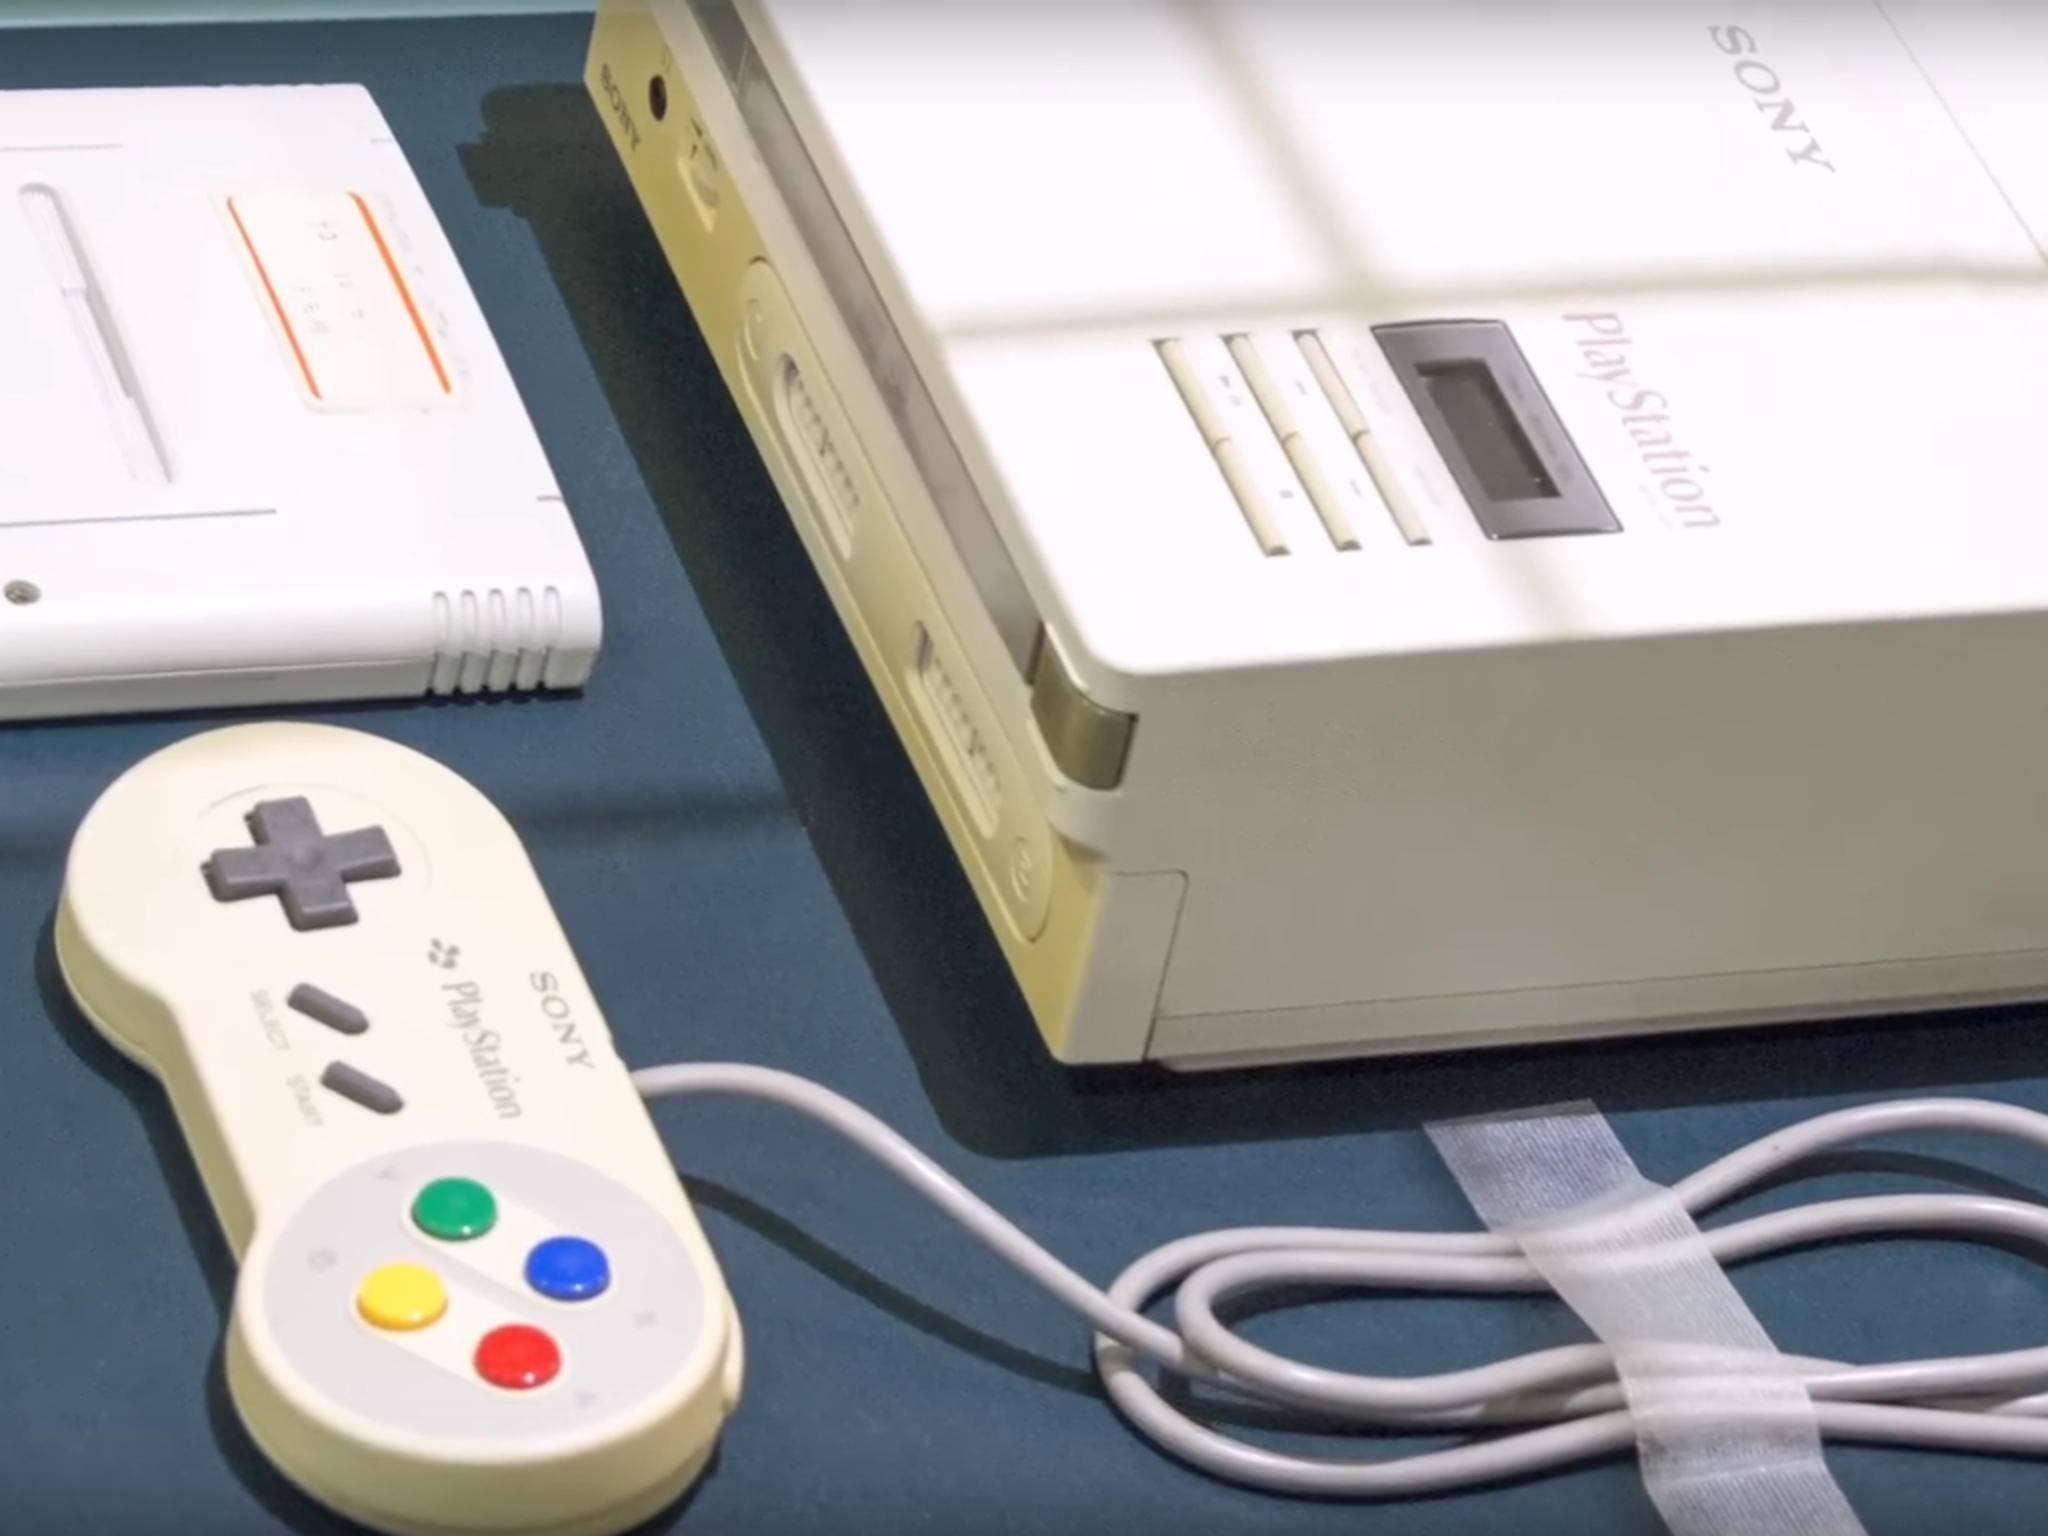 Die Nintendo PlayStation ist nie erschienen, dafür folgte später die PS One.